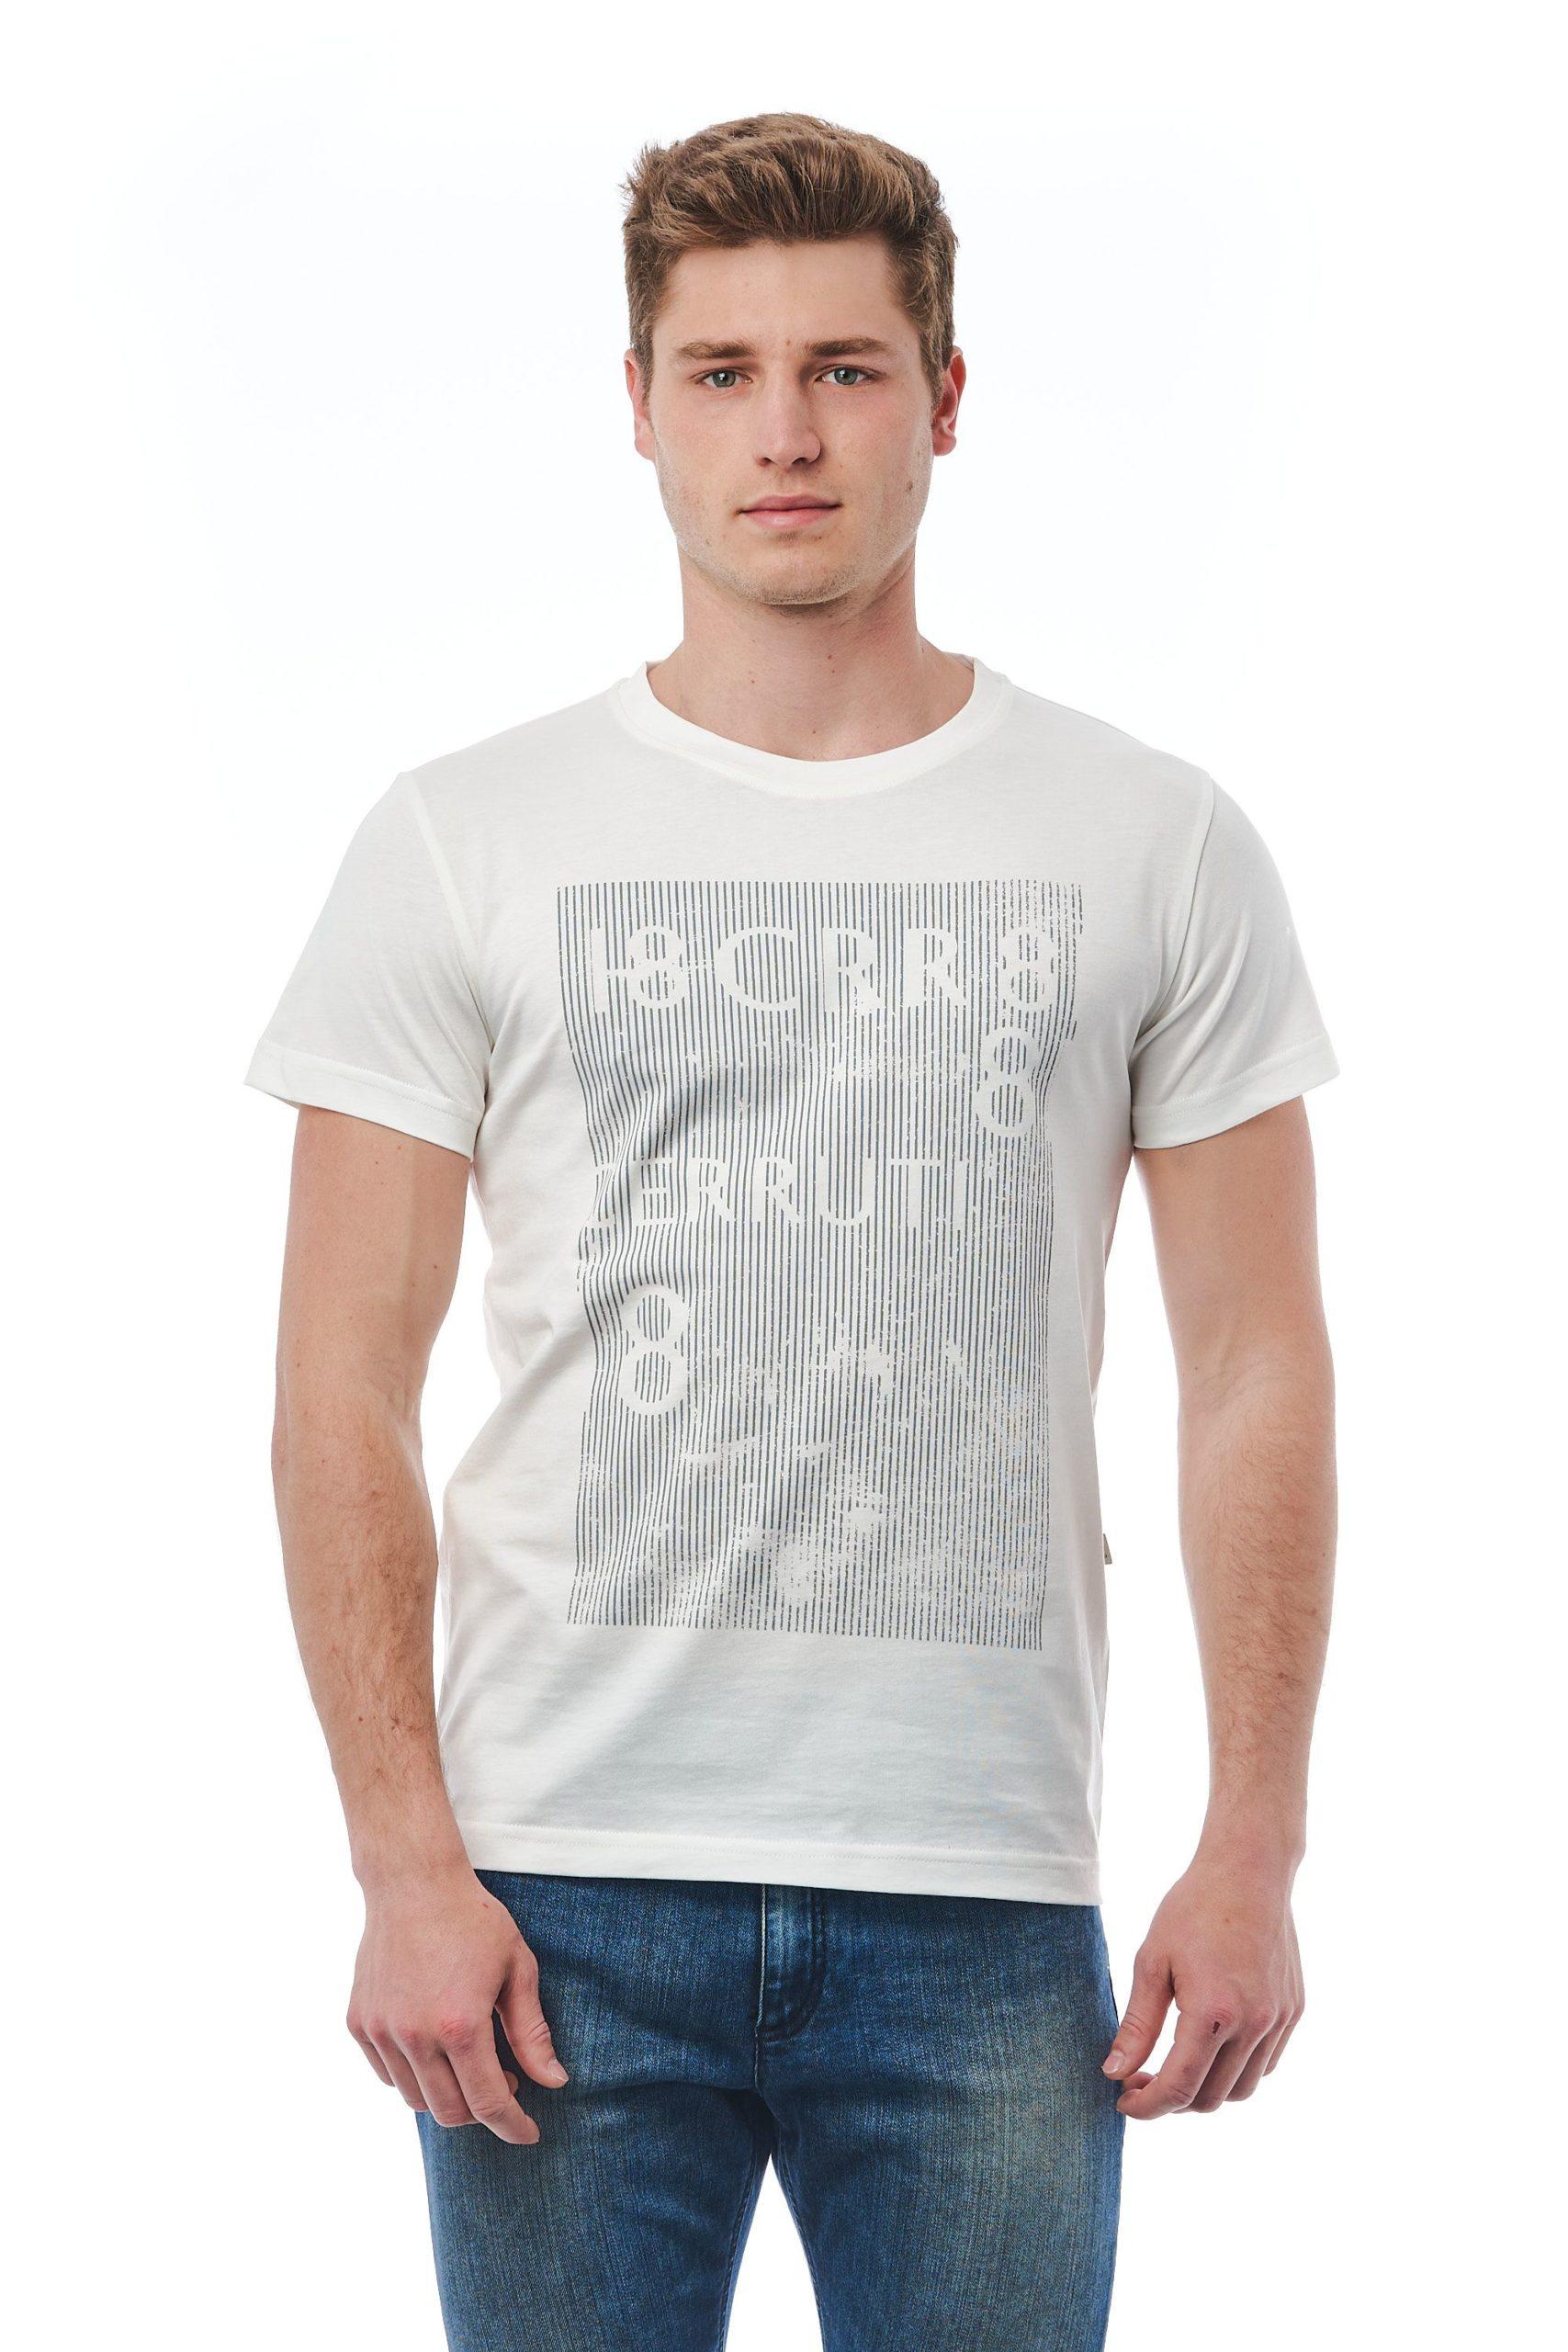 Cerruti 1881 Men's Bianco T-Shirt White CE1409791 - M